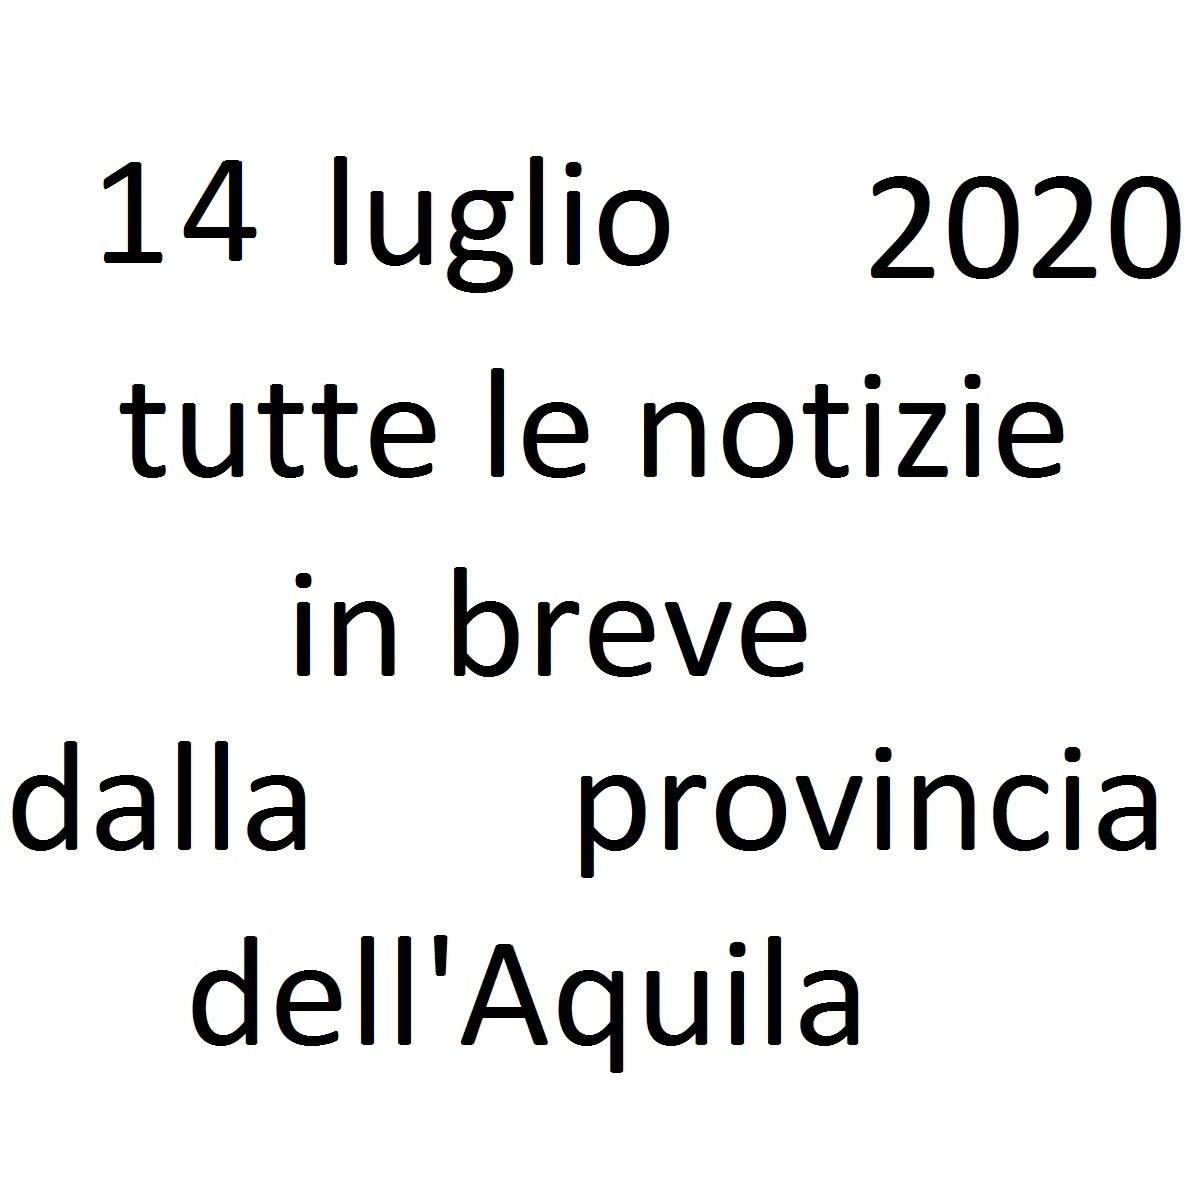 14 luglio 2020 notizie in breve dalla Provincia dell'Aquila foto